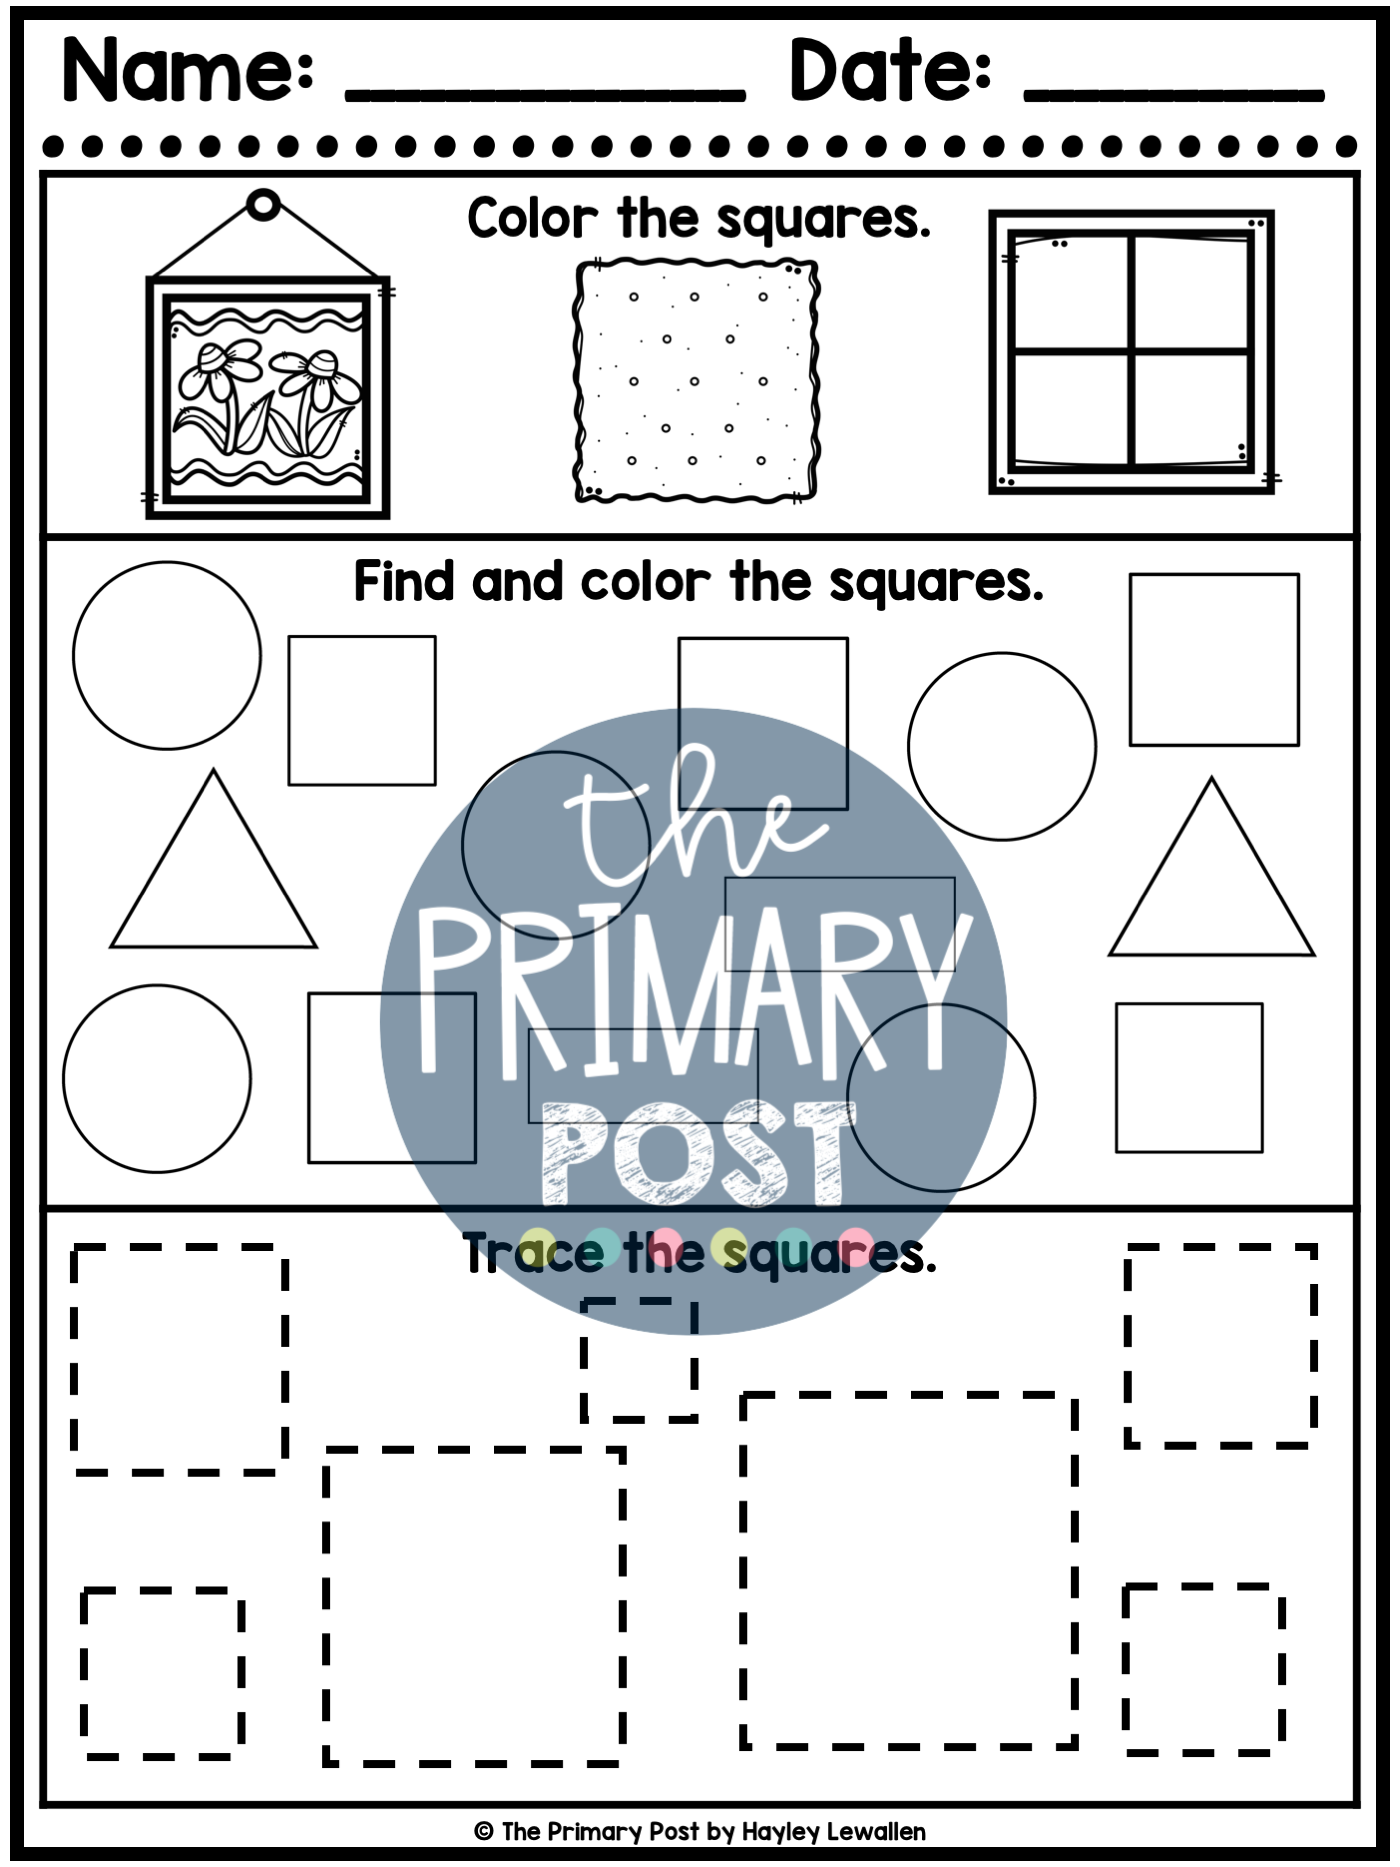 2d Shapes Worksheets Shapes Worksheets Teaching Shapes Shapes Worksheet Kindergarten [ 1867 x 1400 Pixel ]